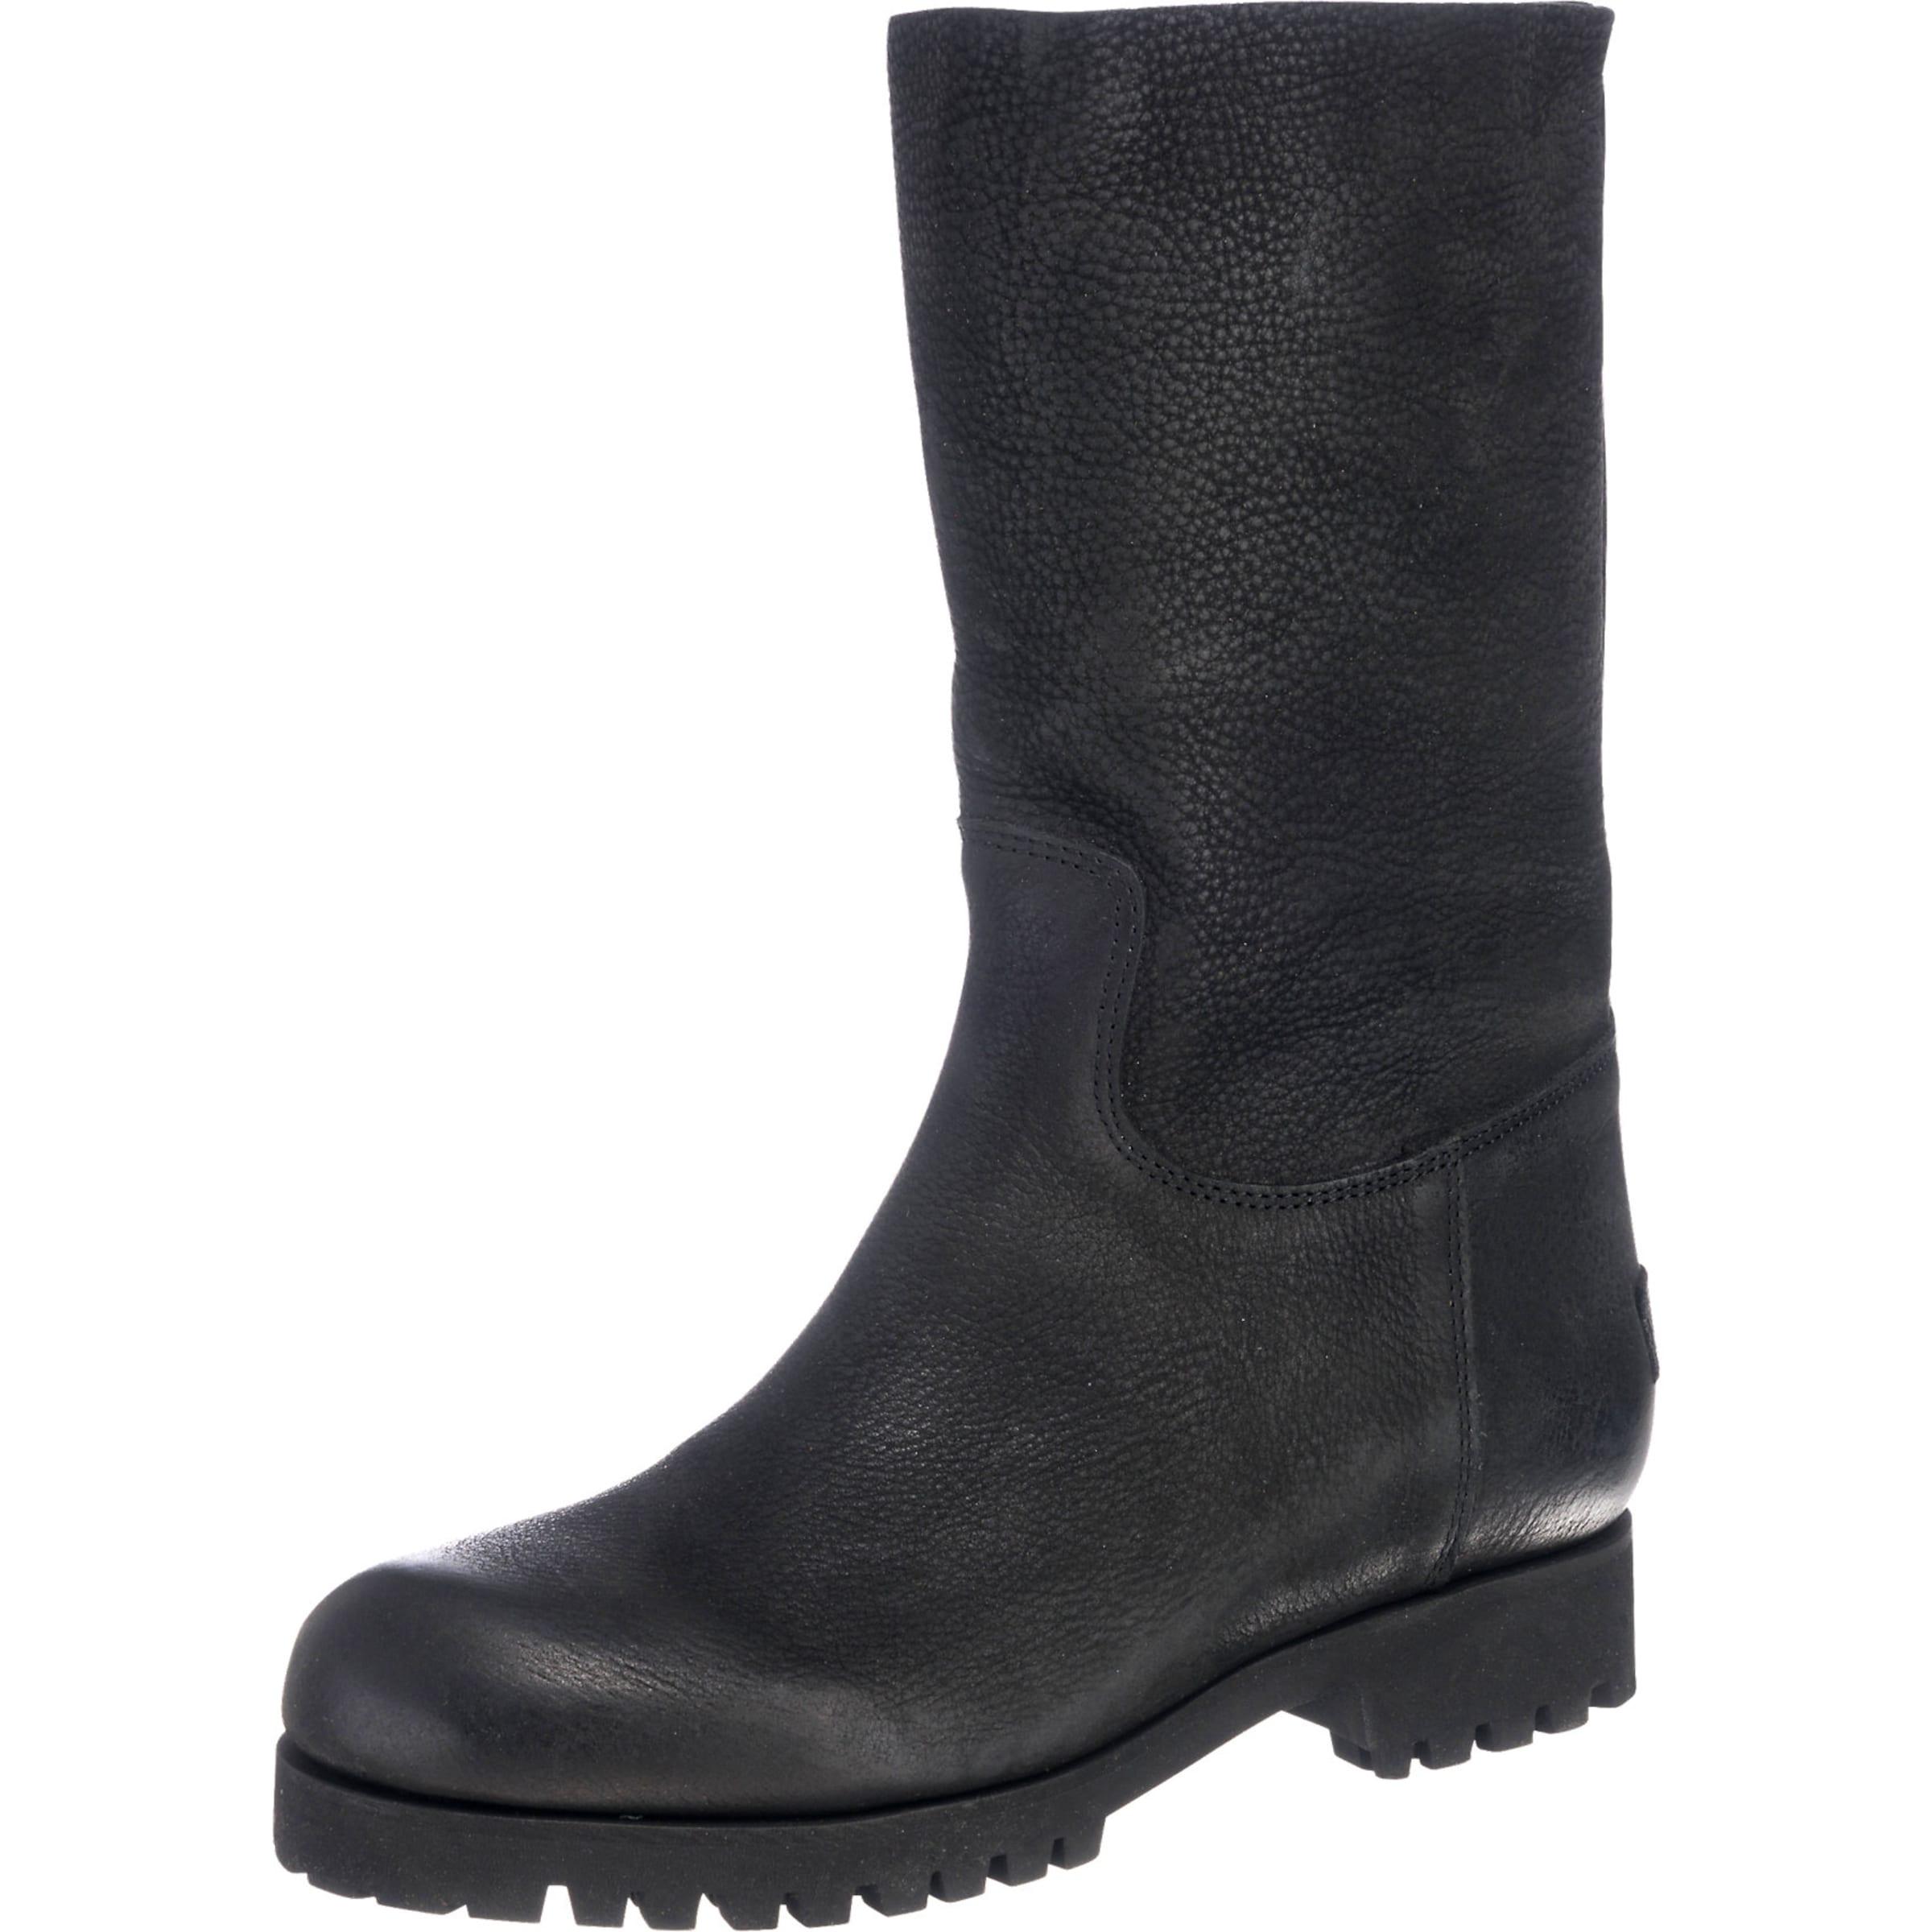 SHABBIES AMSTERDAM Stiefel Verschleißfeste billige Schuhe